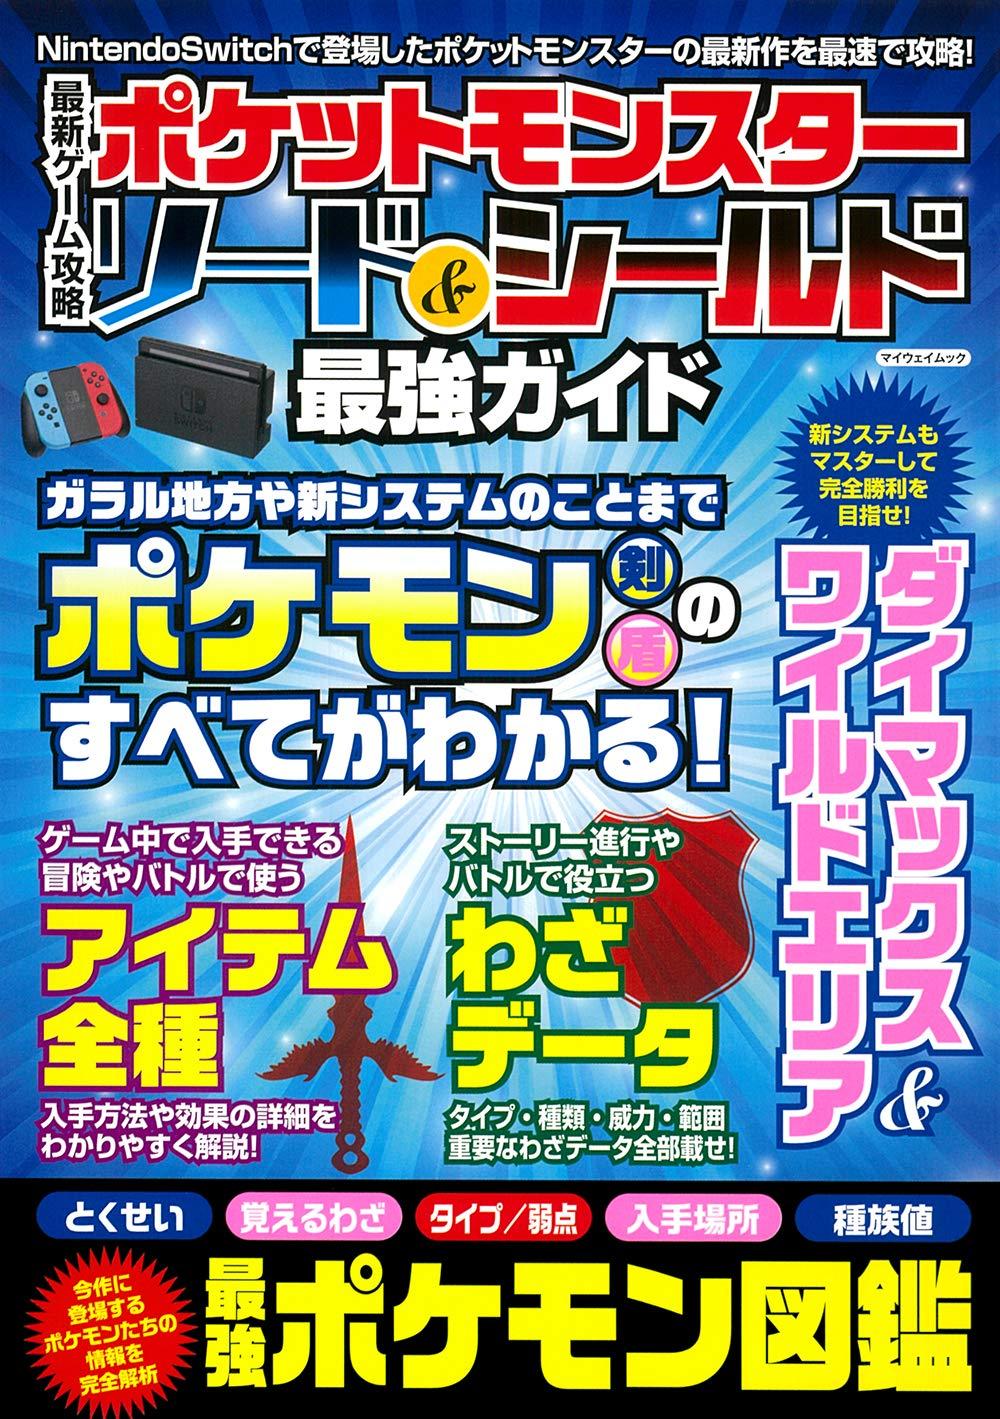 孤島 ポケモン 攻略 の ソード シールド 鎧